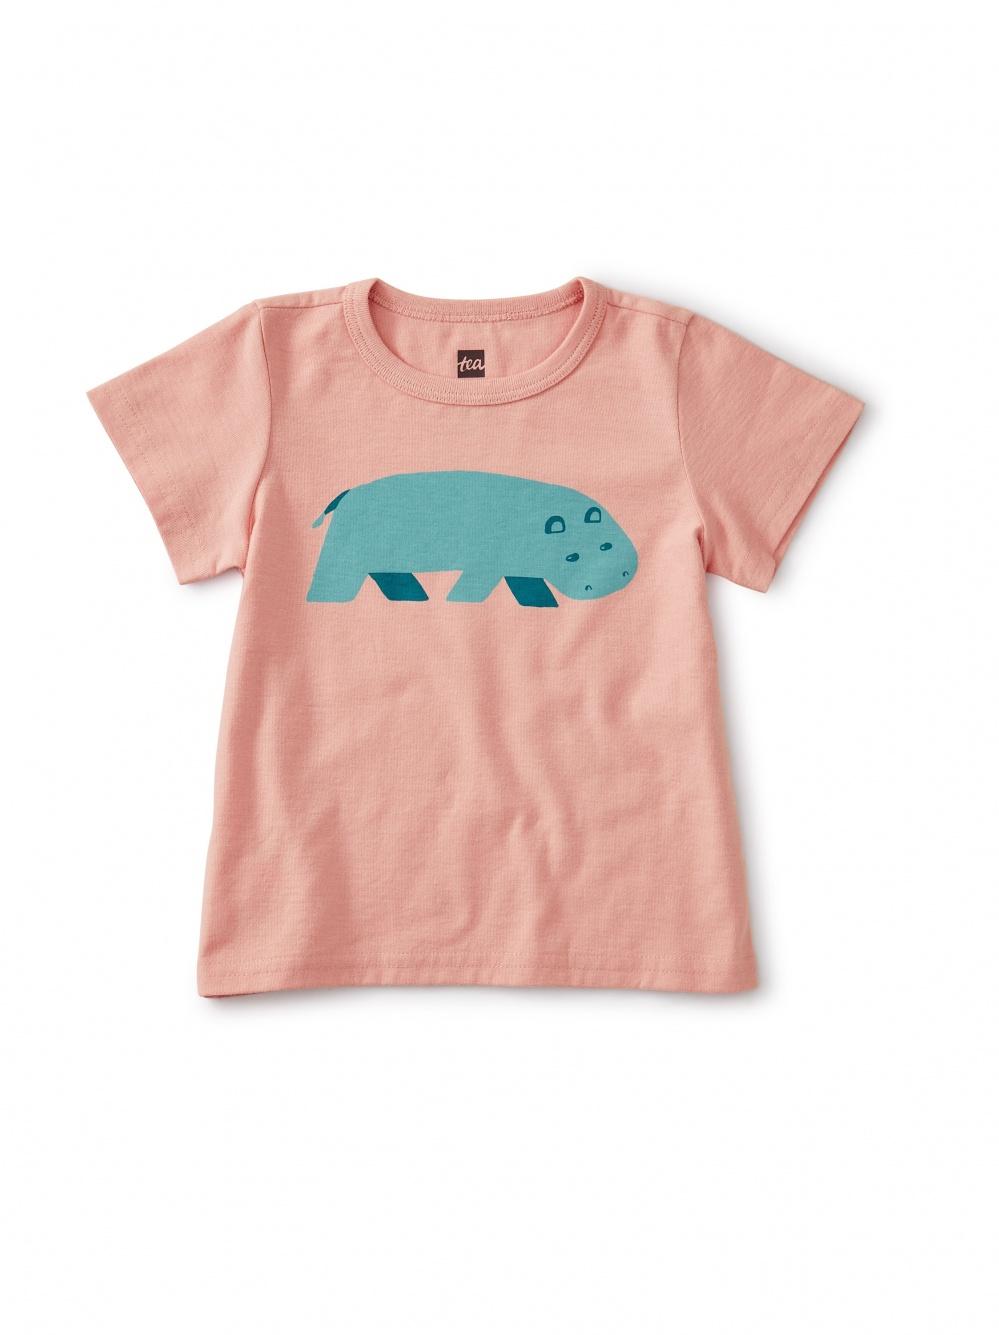 William Baby Hippo Tee